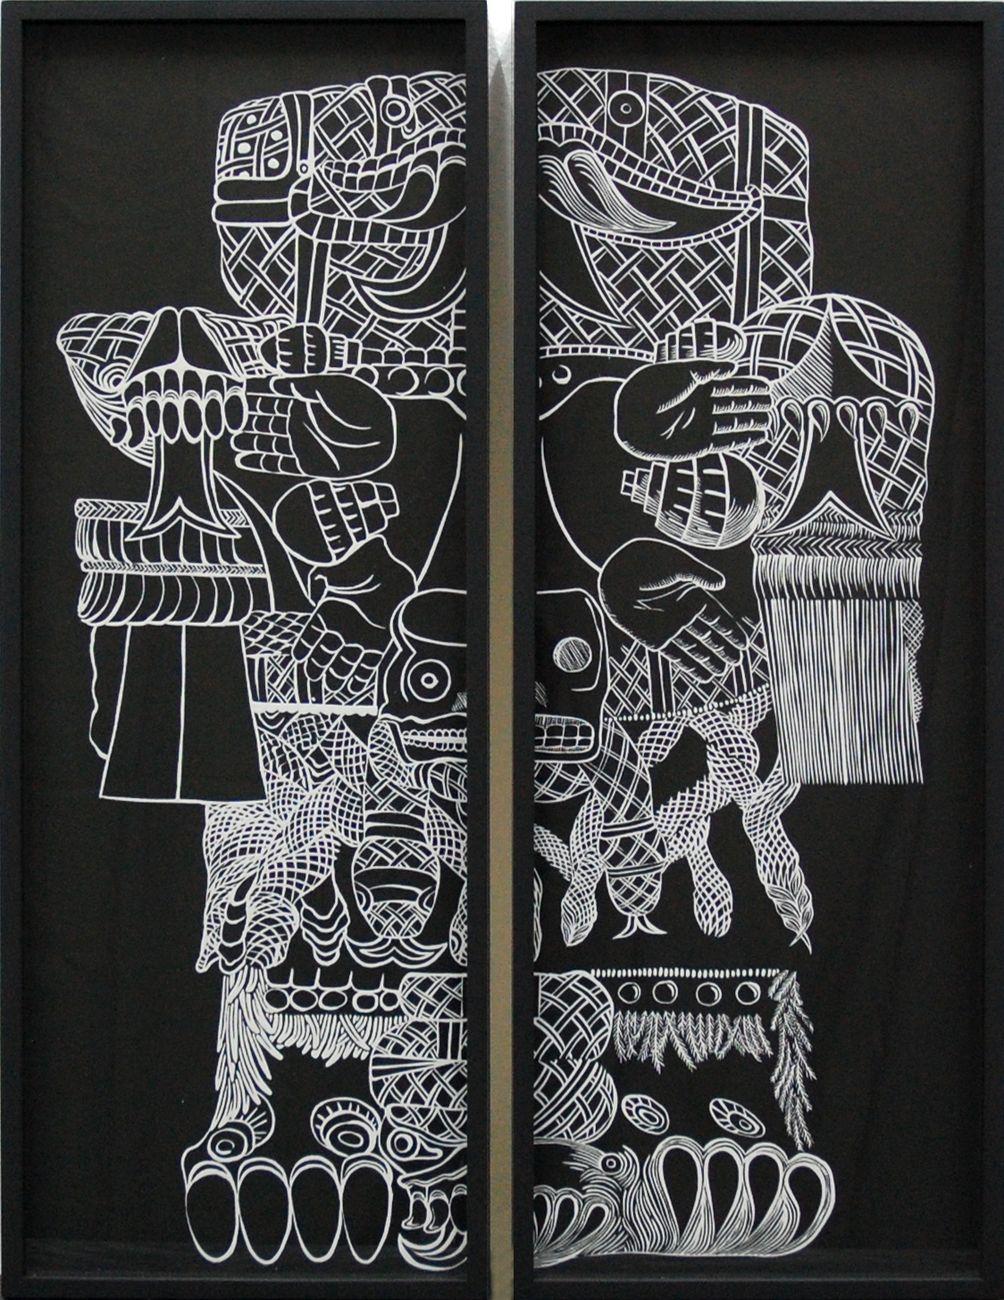 Mariana Castillo Deball, De otro fue la palabra antes que mia, 2010. Courtesy the Artist